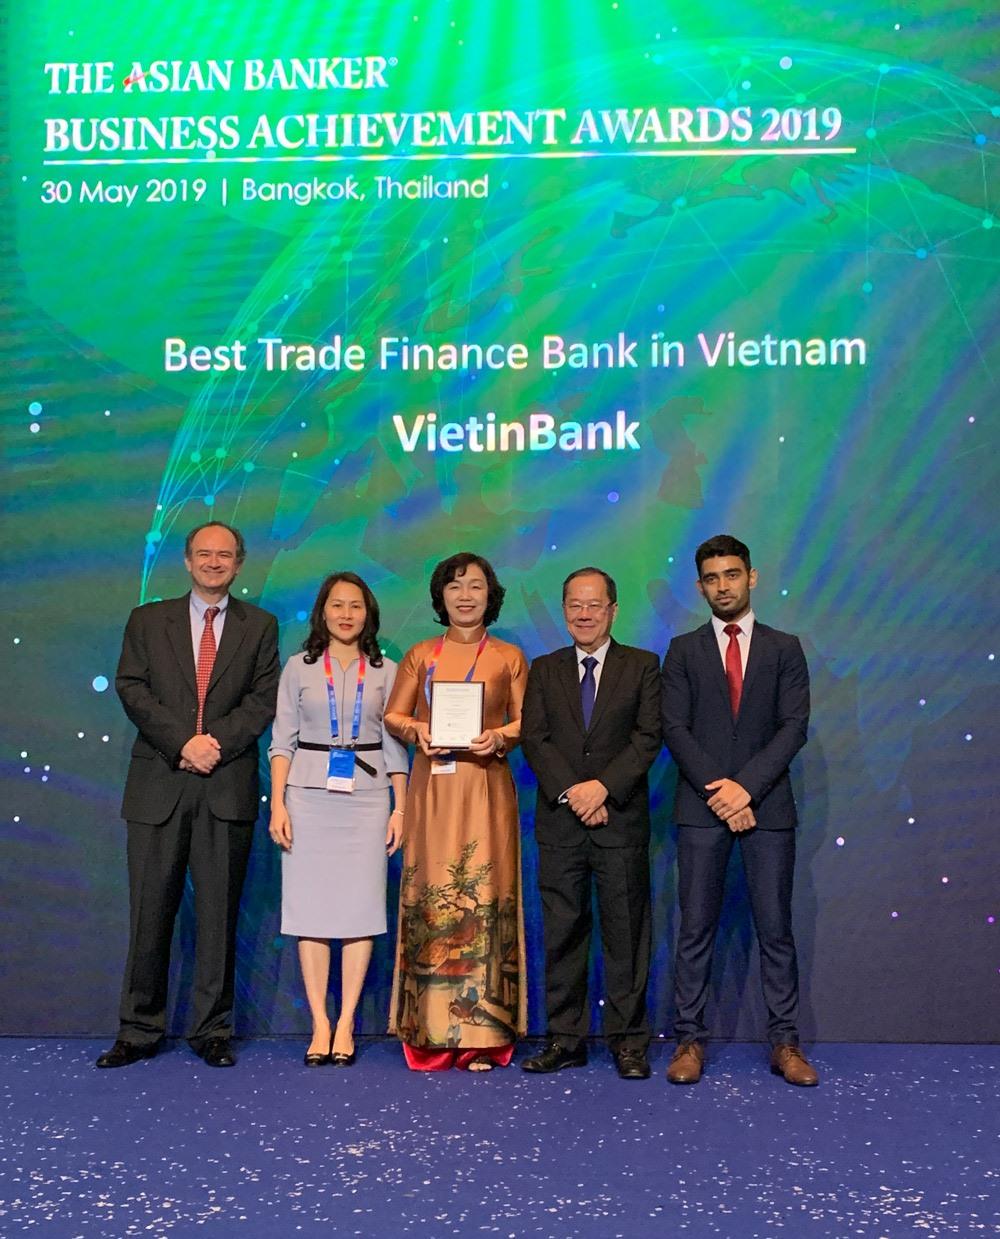 Bà Trần Thị Minh Đức nhận giải thưởng danh giá của The Asian Banker. Ảnh: VietinBank